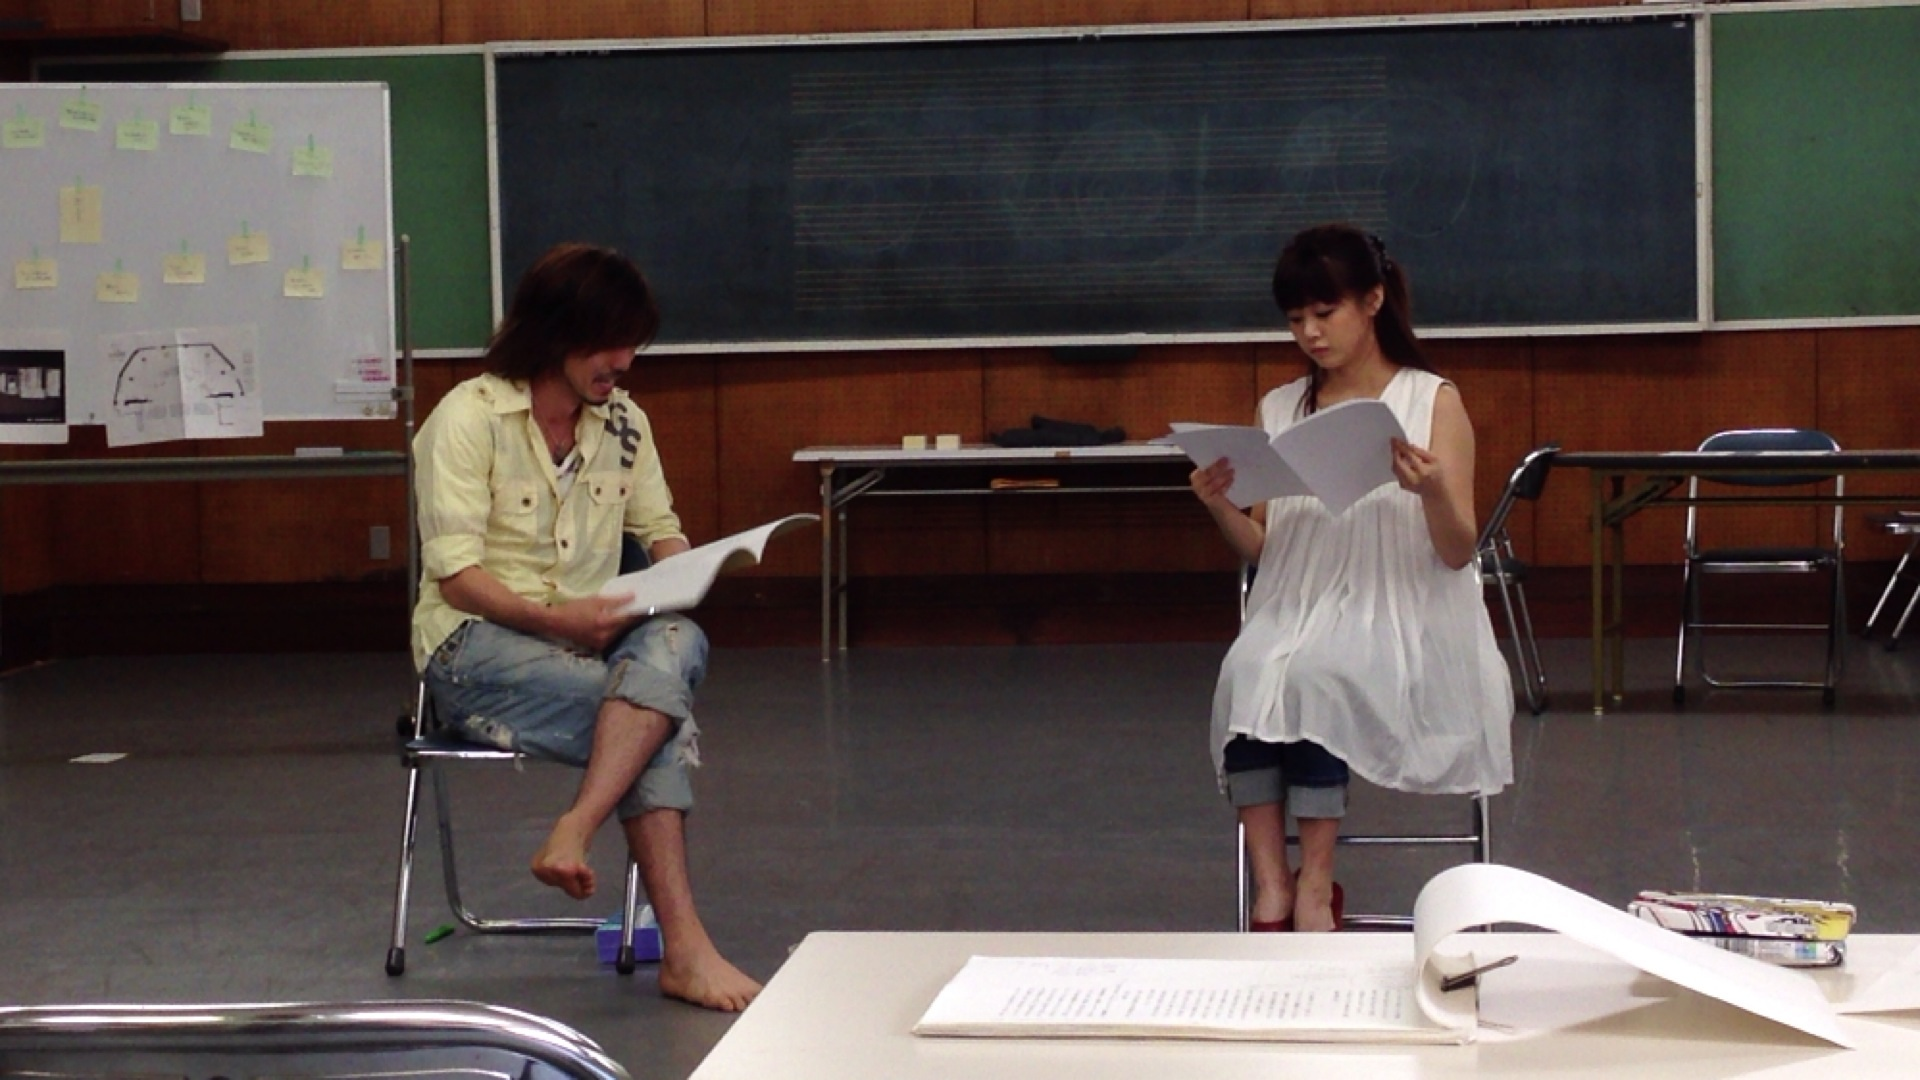 KYOHEI&新垣ペア稽古場レポート(1回目)_f0236356_14401019.jpg